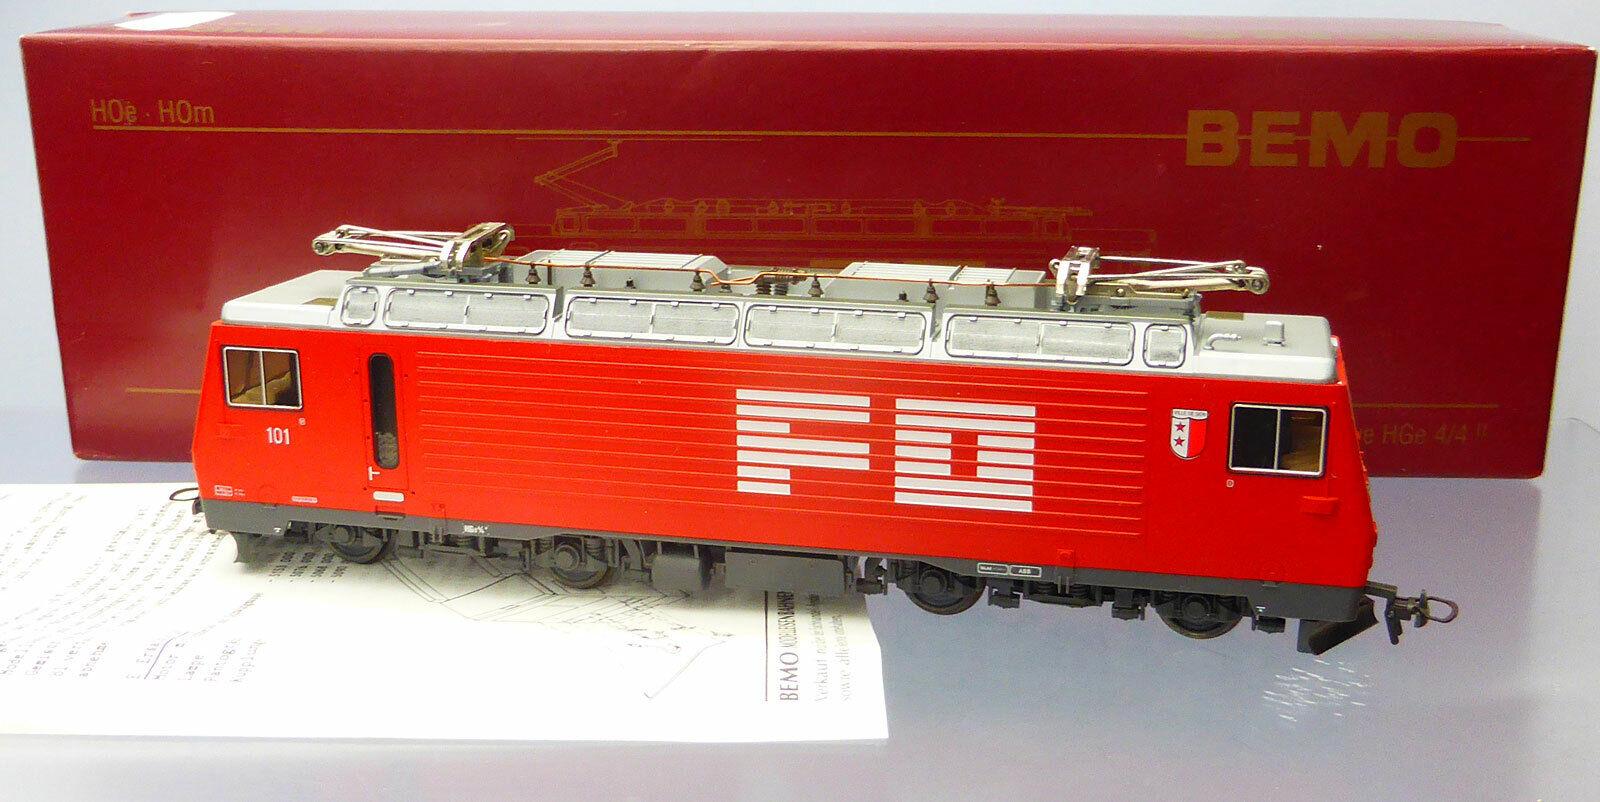 Bemo 1262 201; engranaje locomotora hge 4 4 101 SBB, sin usar en OVP j354